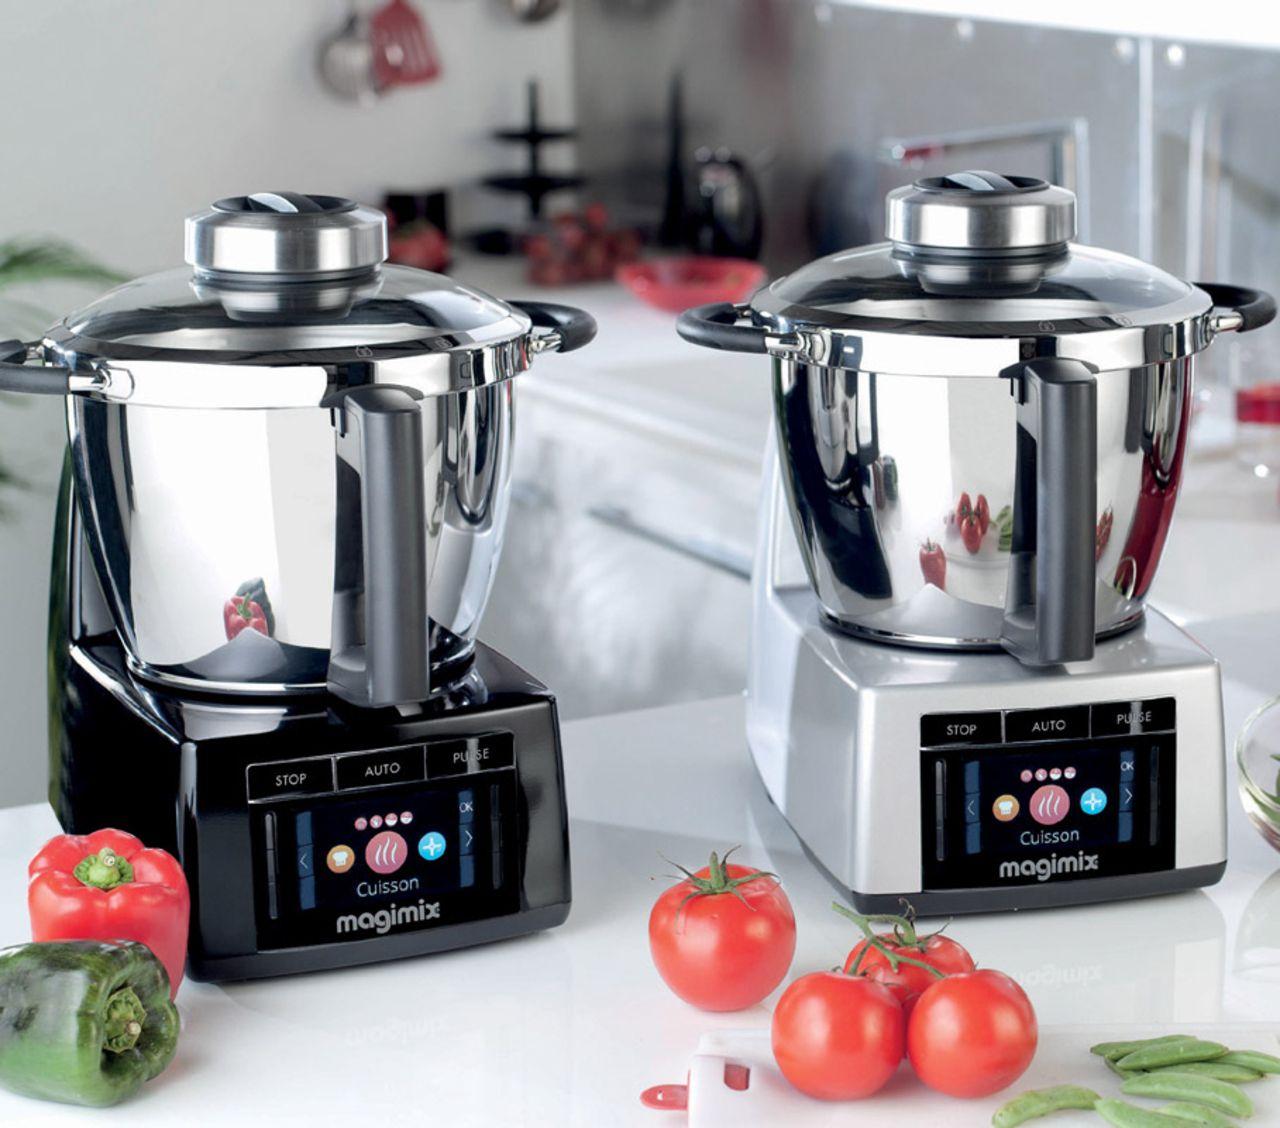 bon robot cuiseur magimix cook expert